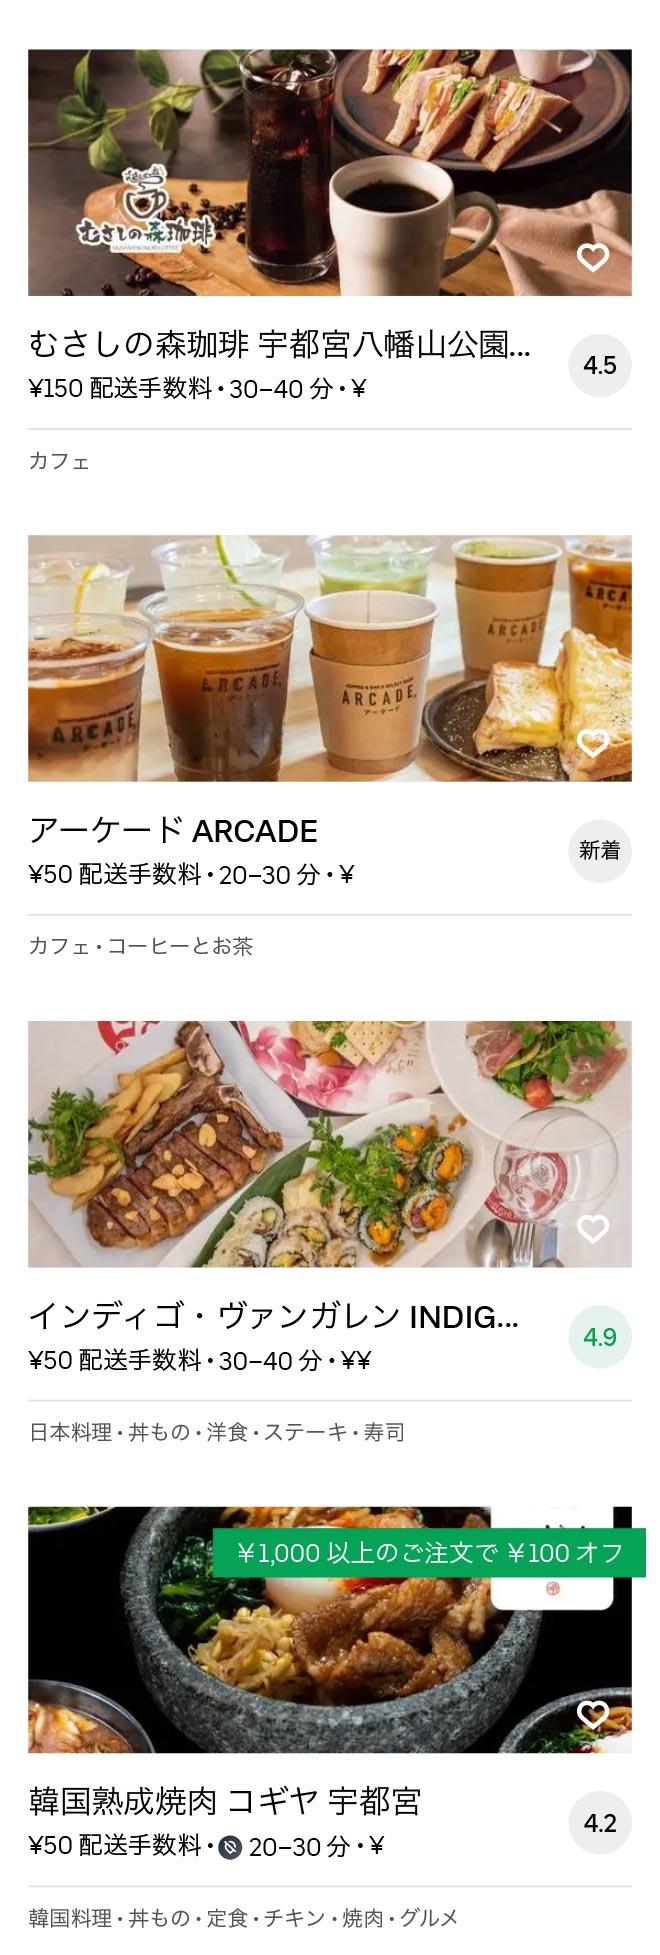 Tobu utsunomiya menu 2010 12